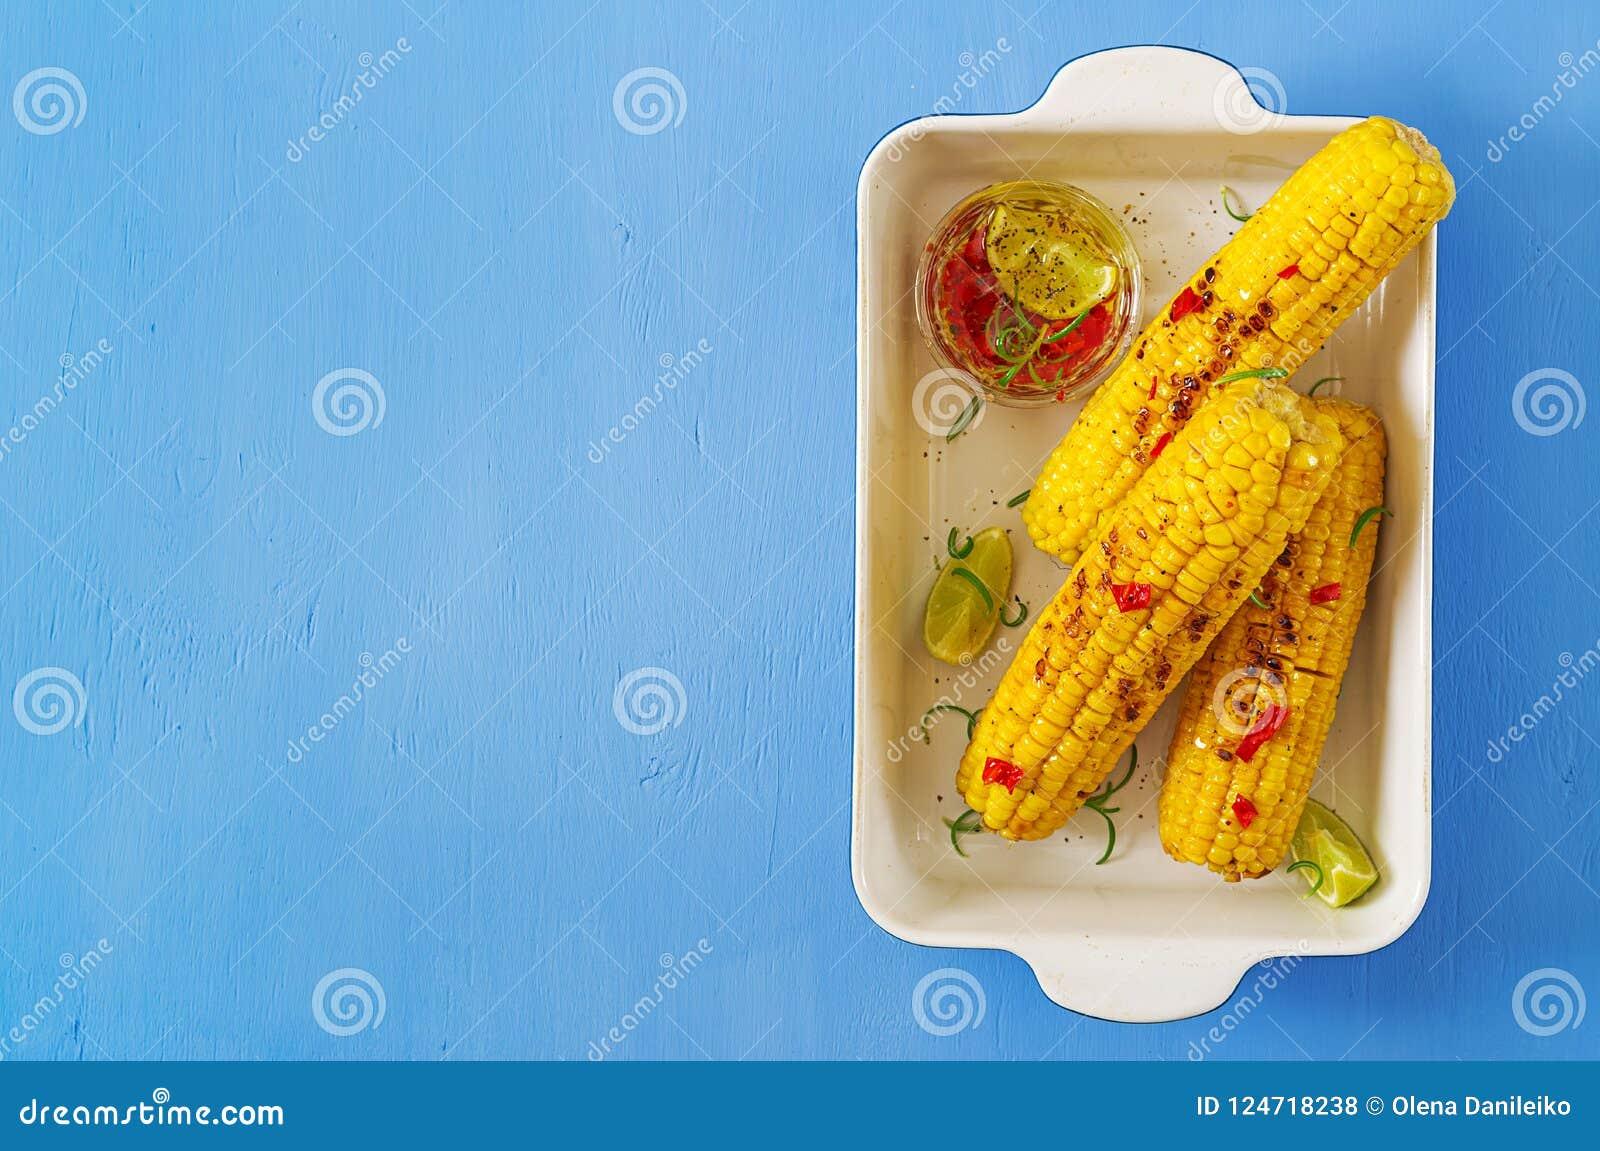 Grillad majs med mexikansk sås, chili och limefrukt på blå bakgrund